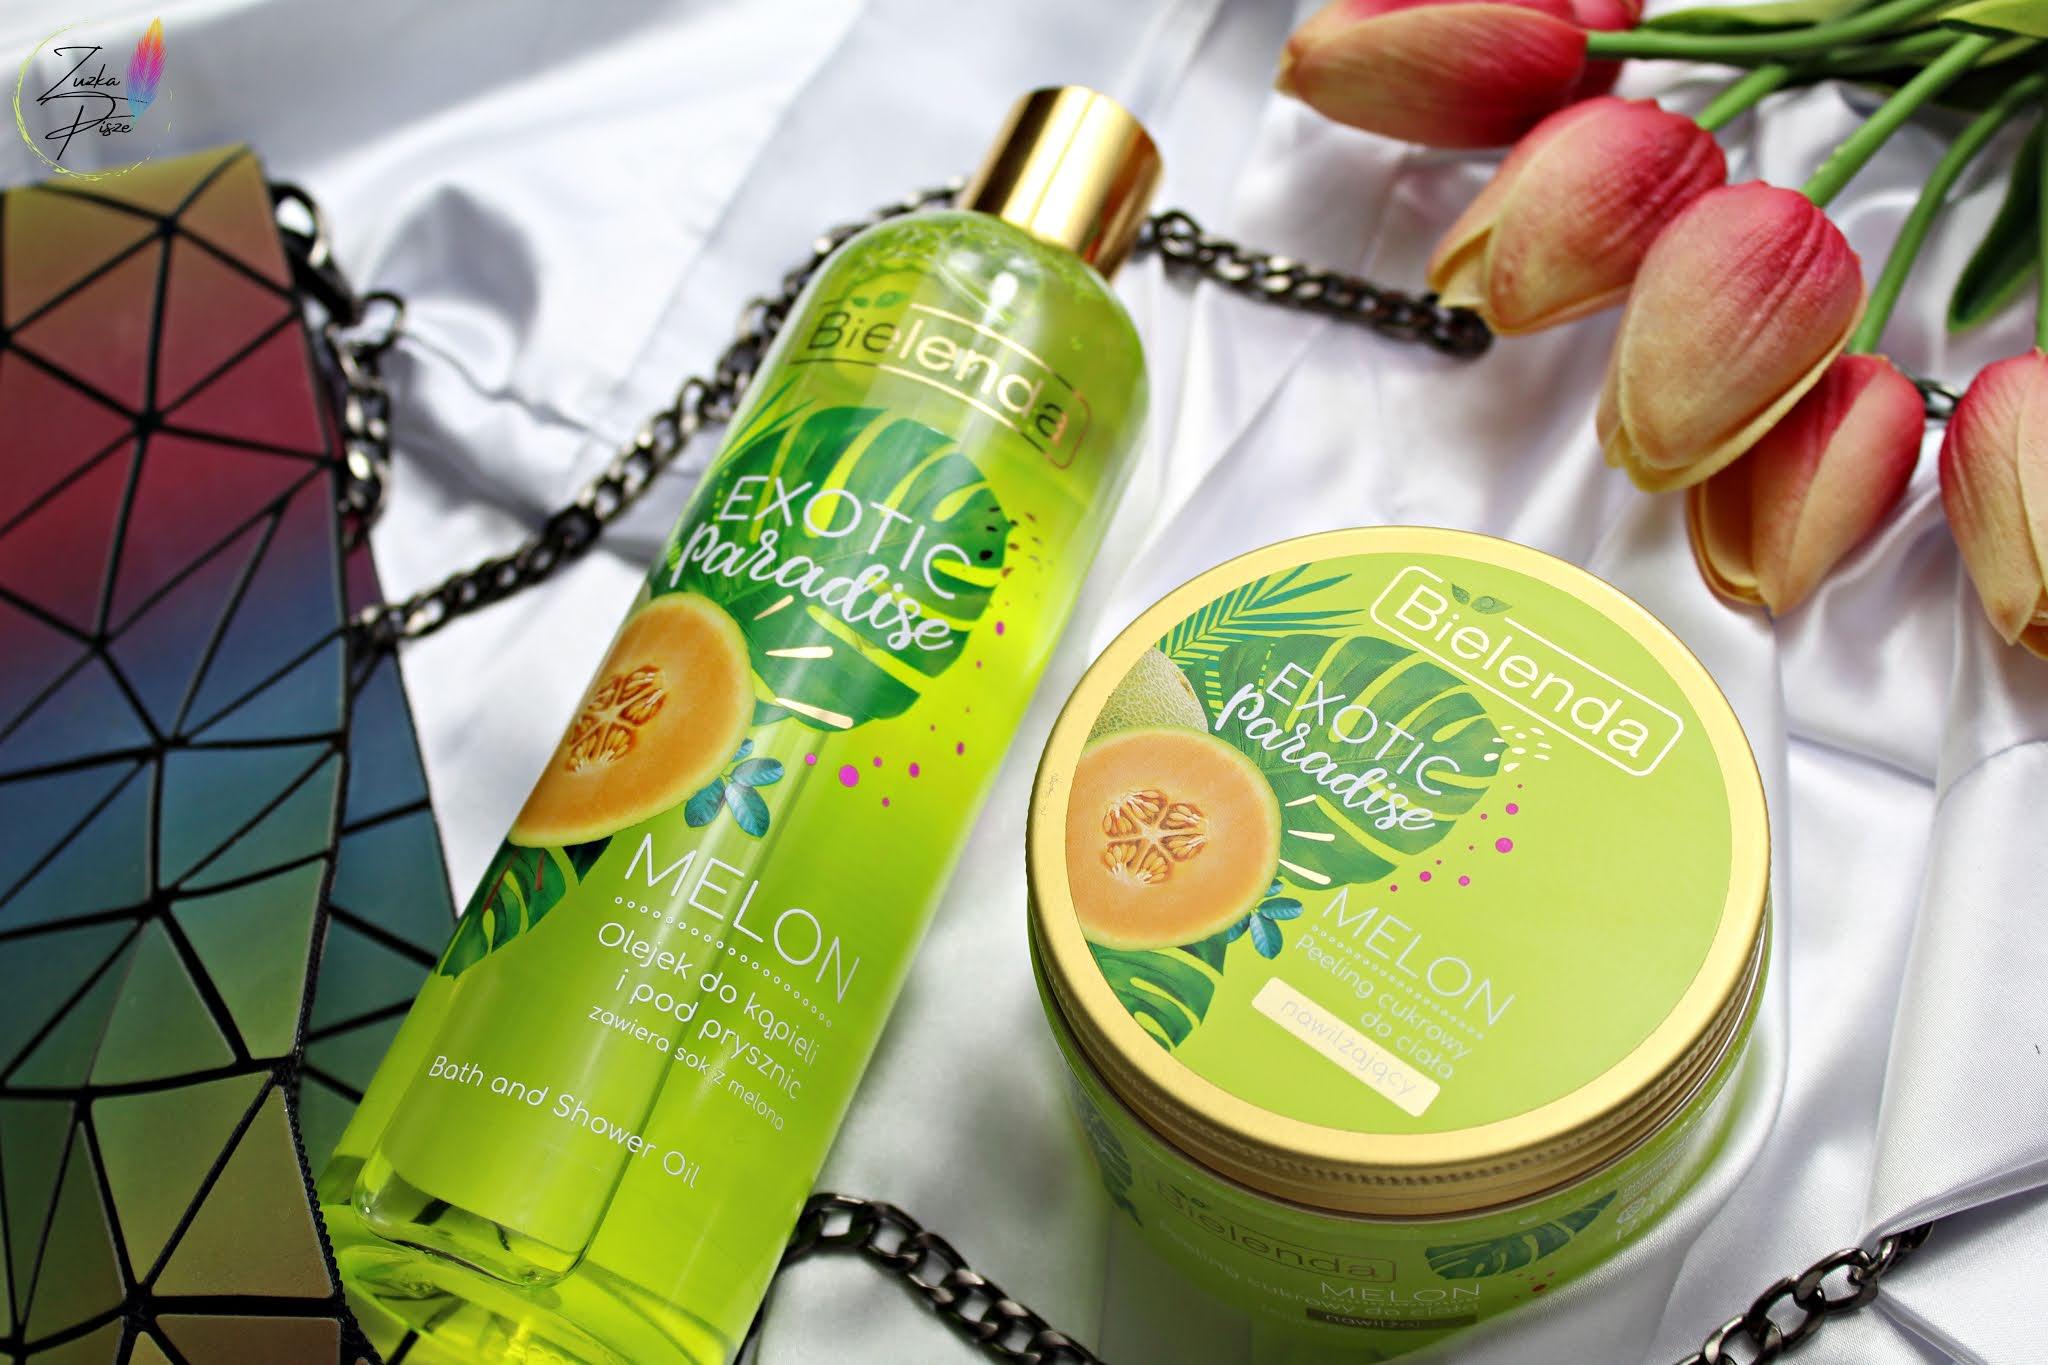 Bielenda Exotic Paradise MELON - cukrowy peeling nawilżający i odświeżający olejek pod prysznic